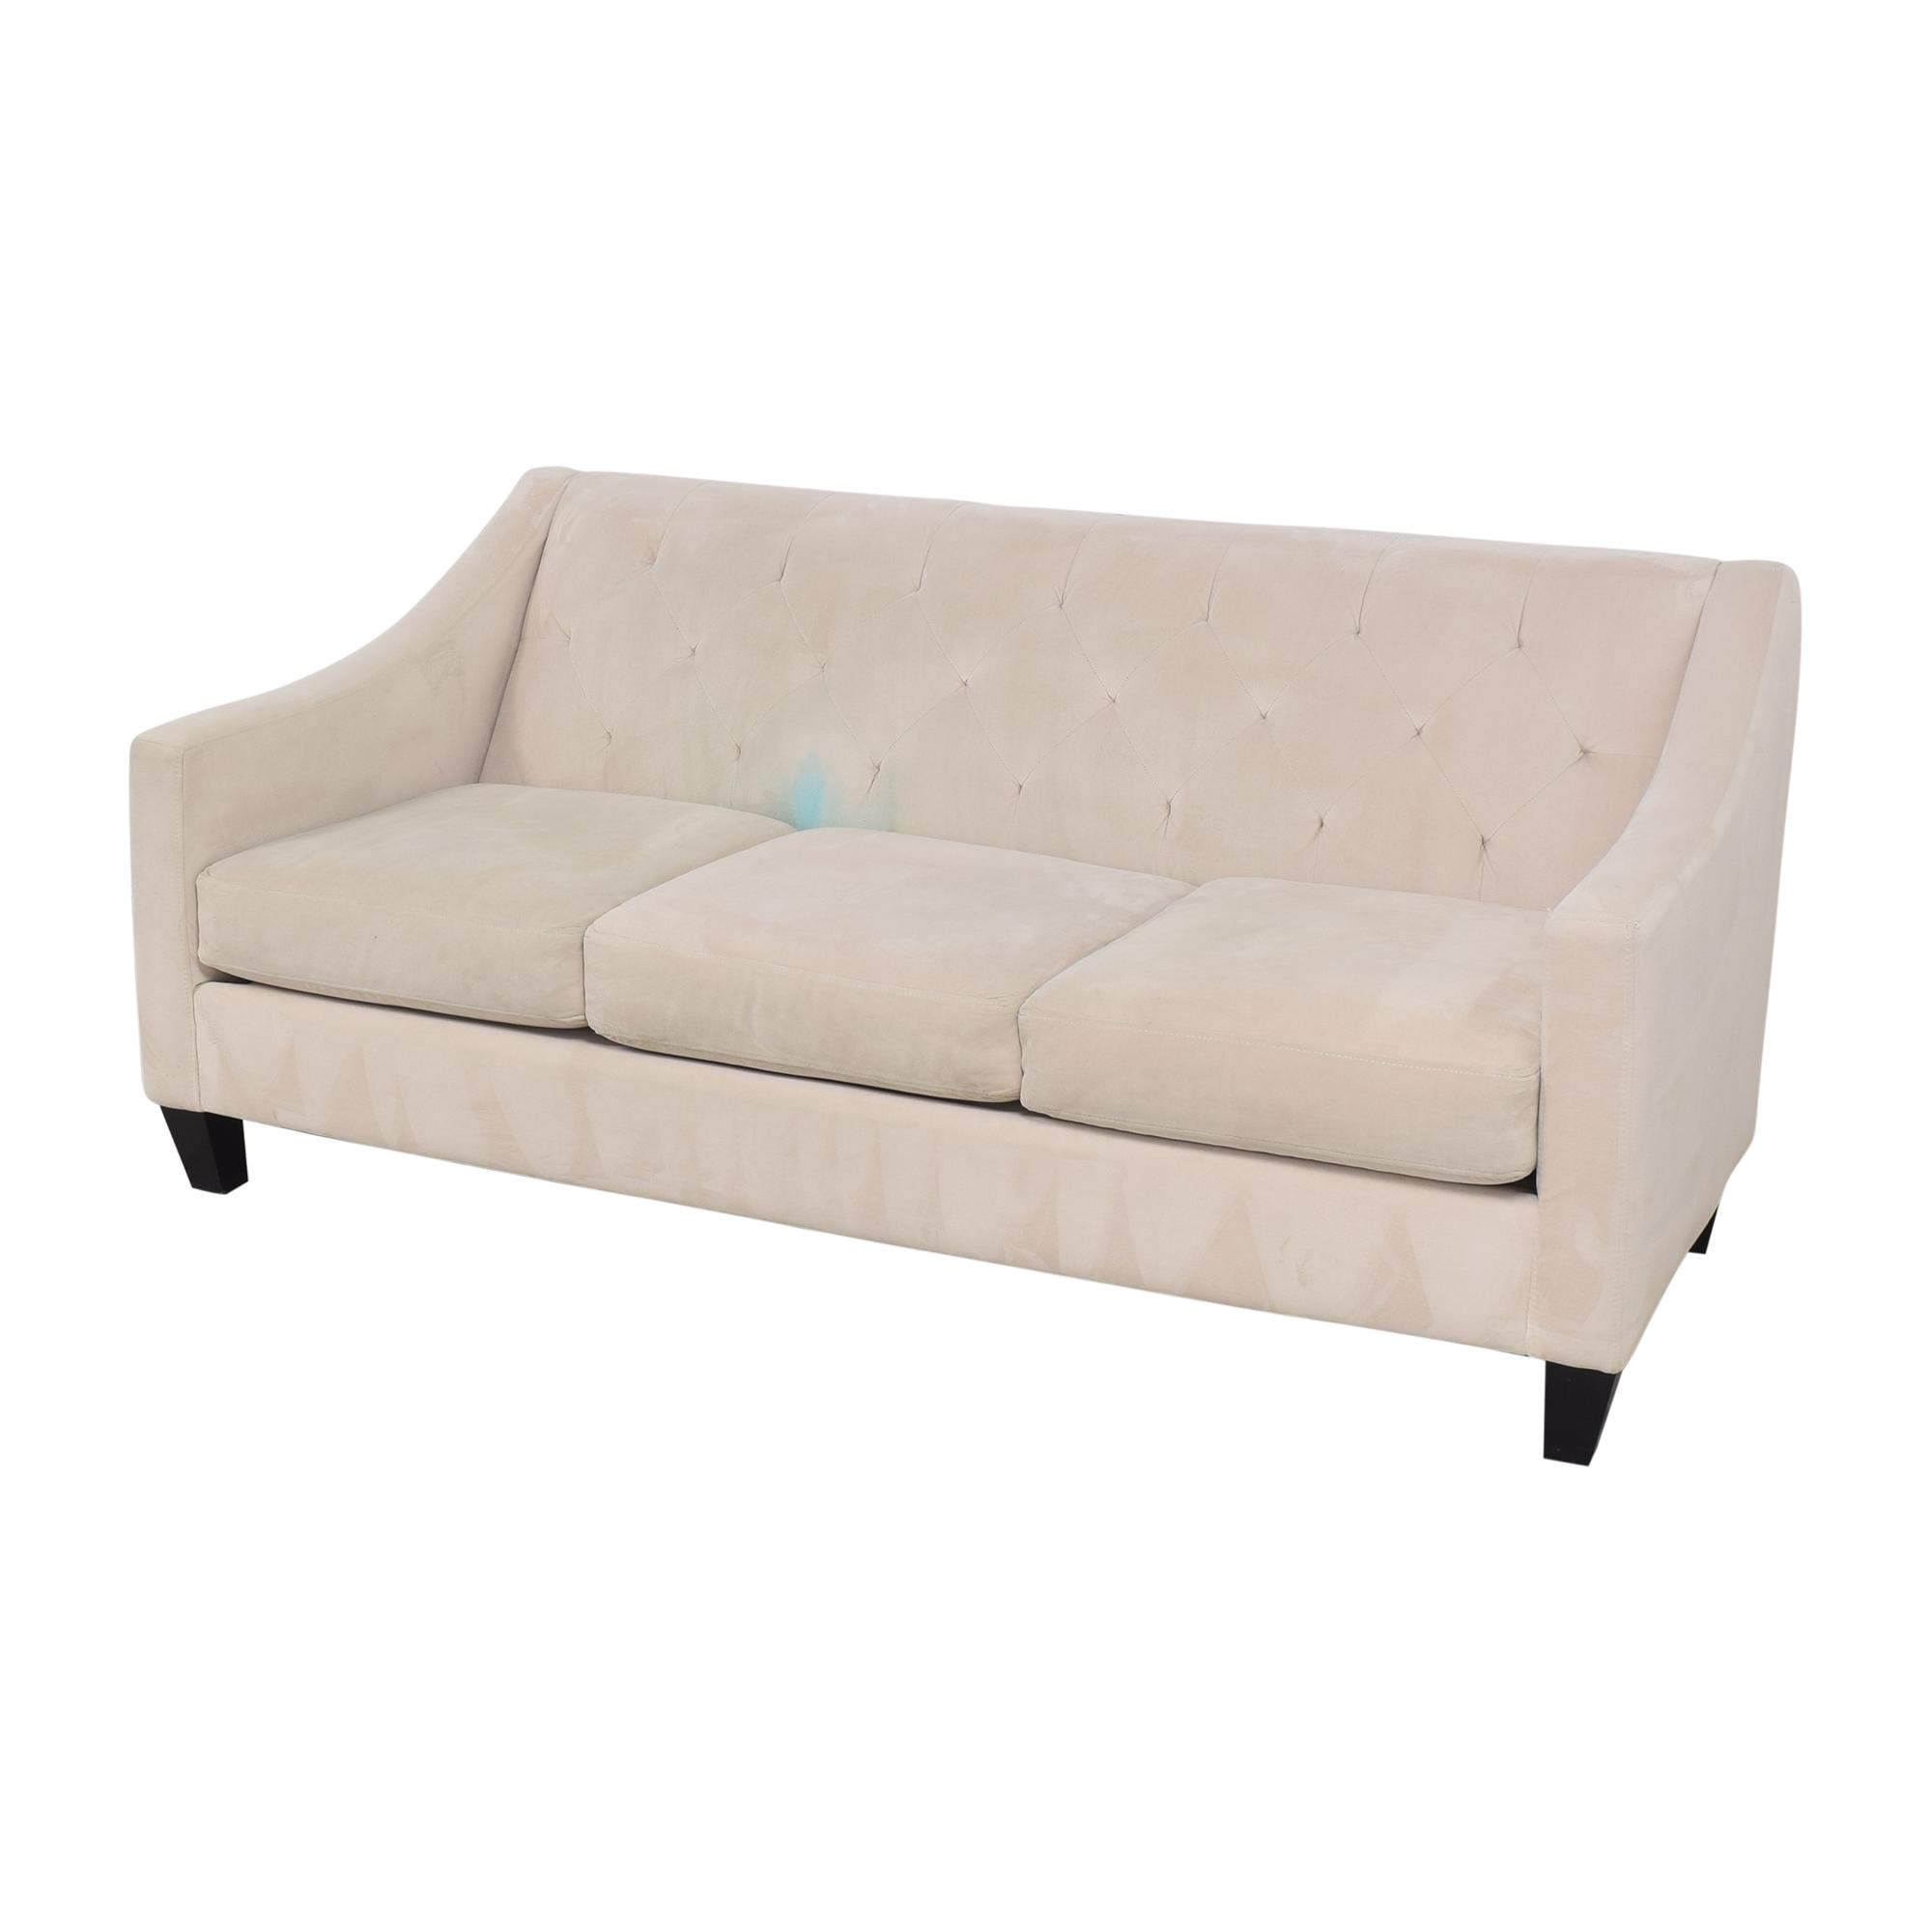 Macy's Macy's Chloe II Three Cushion Sofa